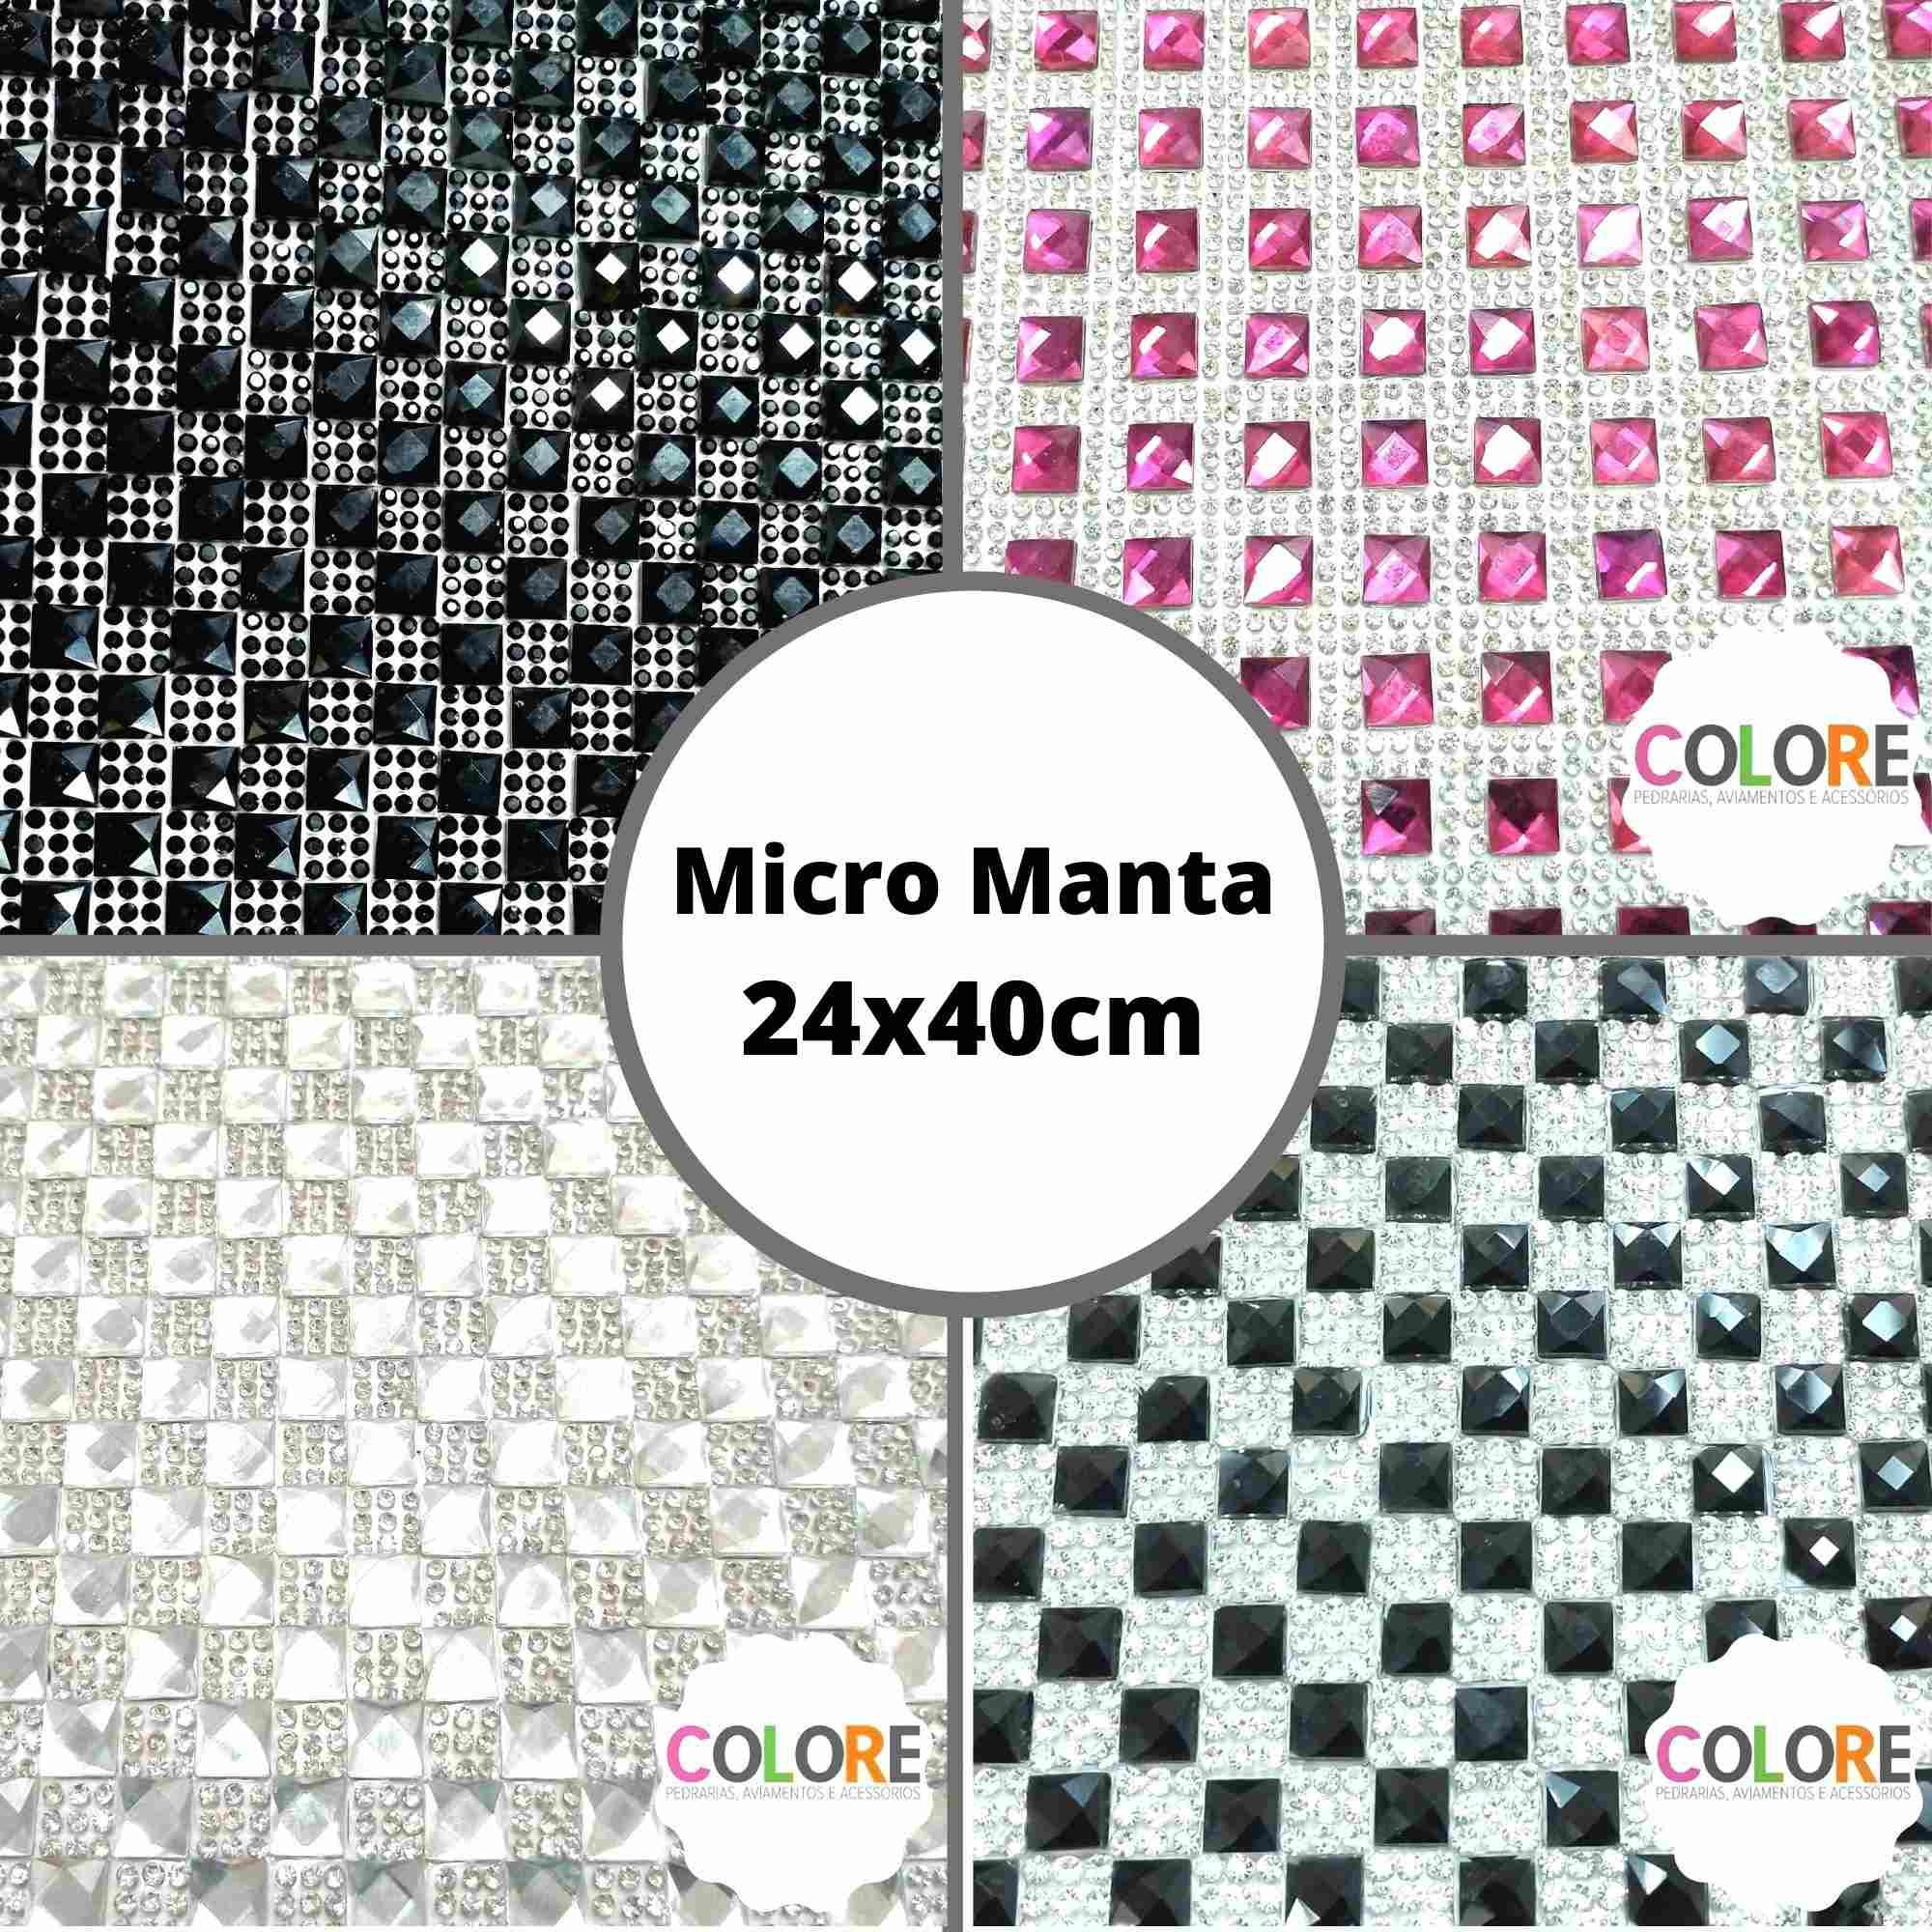 Micro Manta Quadrada - Tamanho 24x40cm - 1 unidade